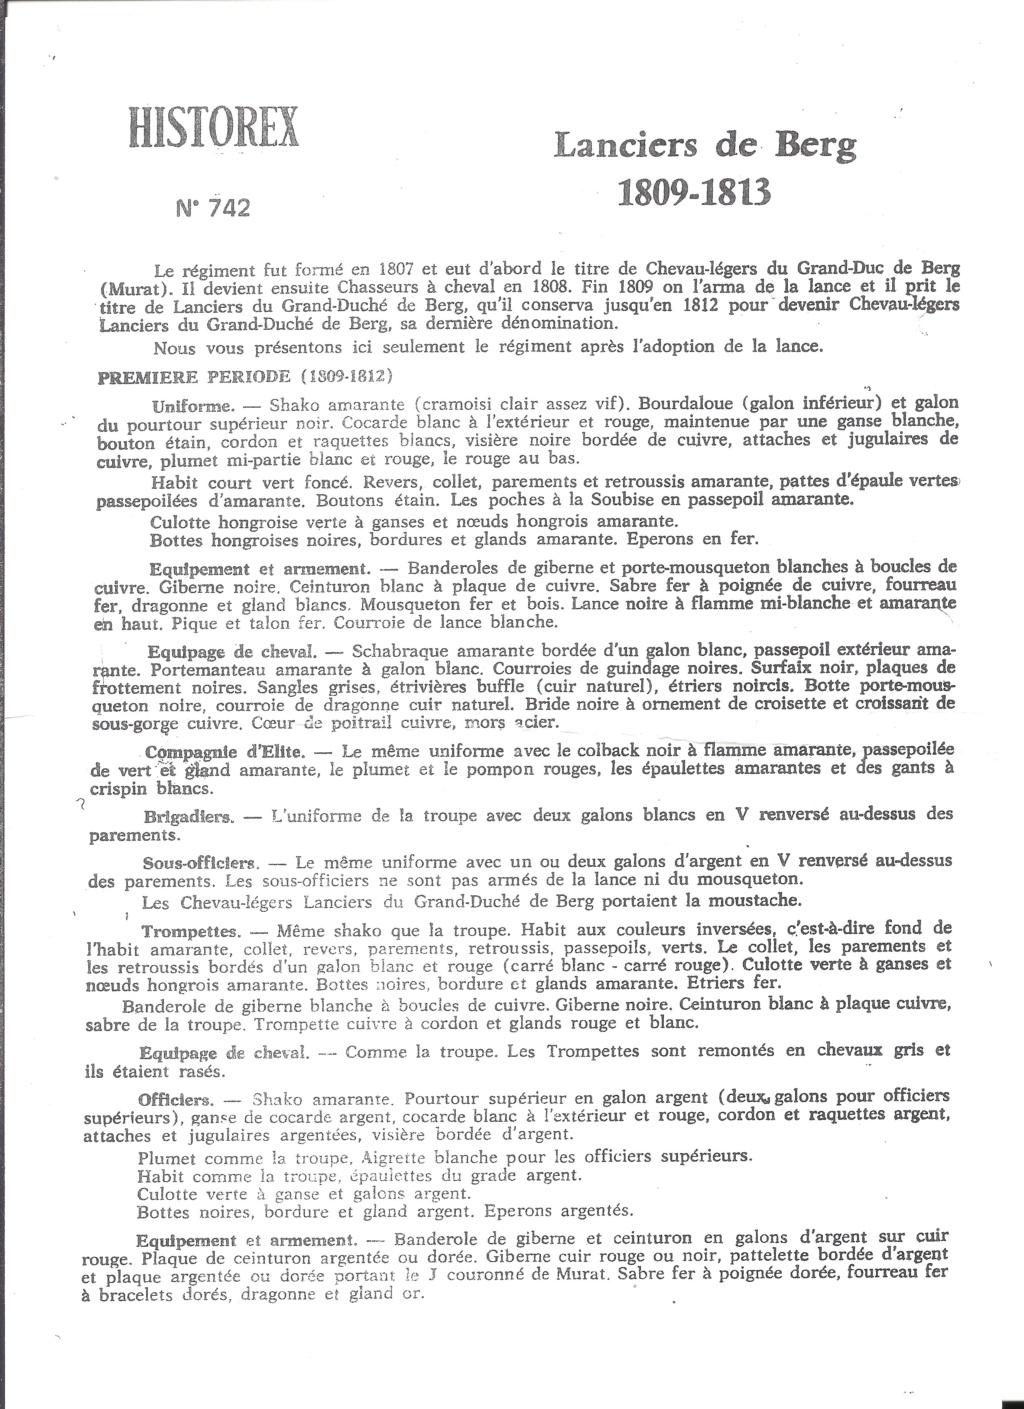 [HISTOREX] Régiment Chevaux-léger Lancier du Grand-Duché de BERG de la Garde Impériale 1809 - 1813 1/30ème Réf 742 Notice Histo175